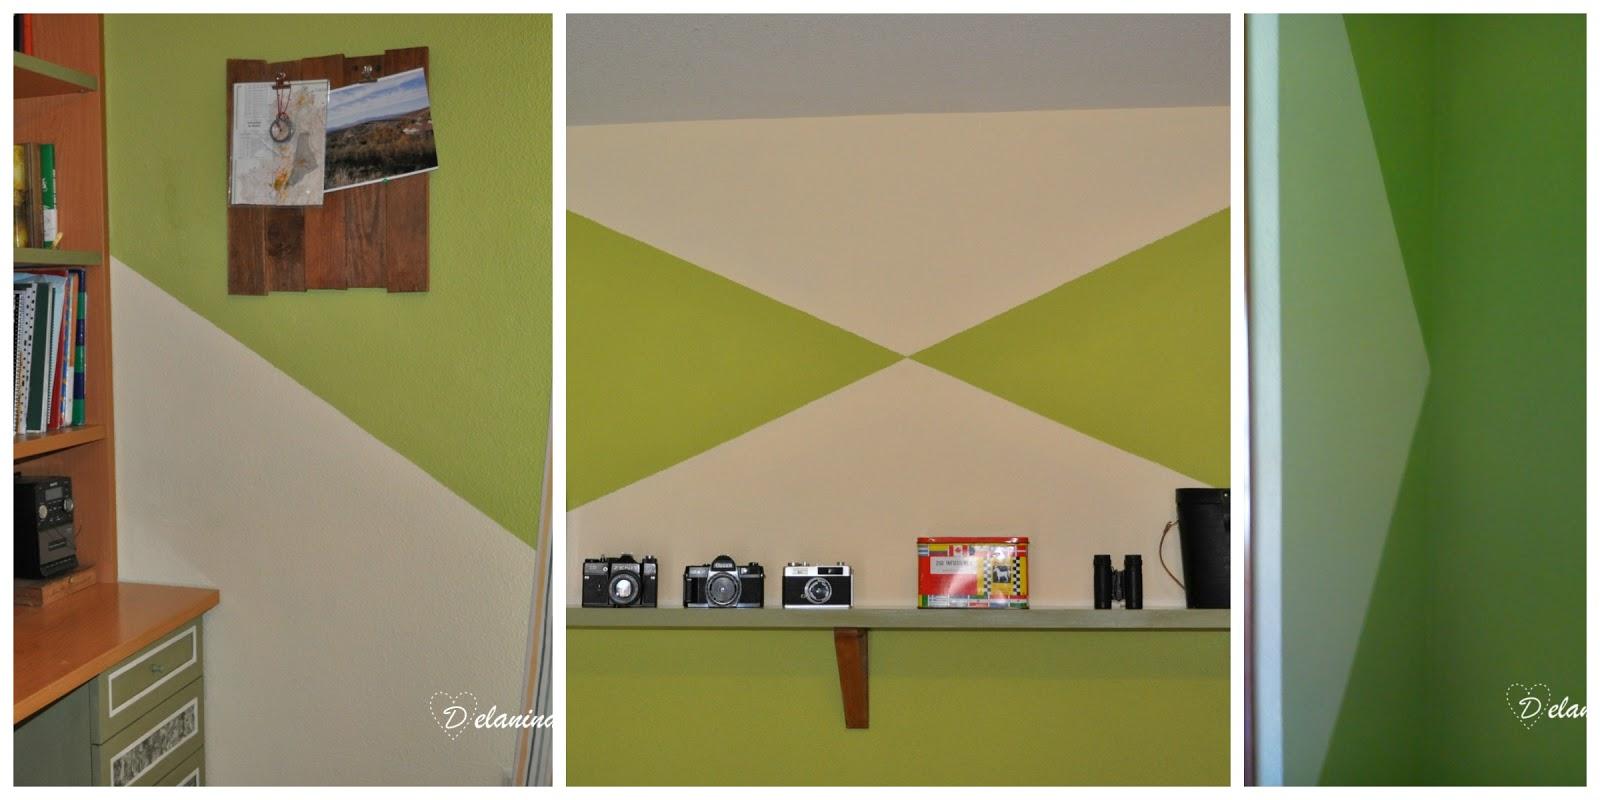 Decoraci n de paredes 7 ideas diy que puedes hacer t - Formas de pintar paredes ...